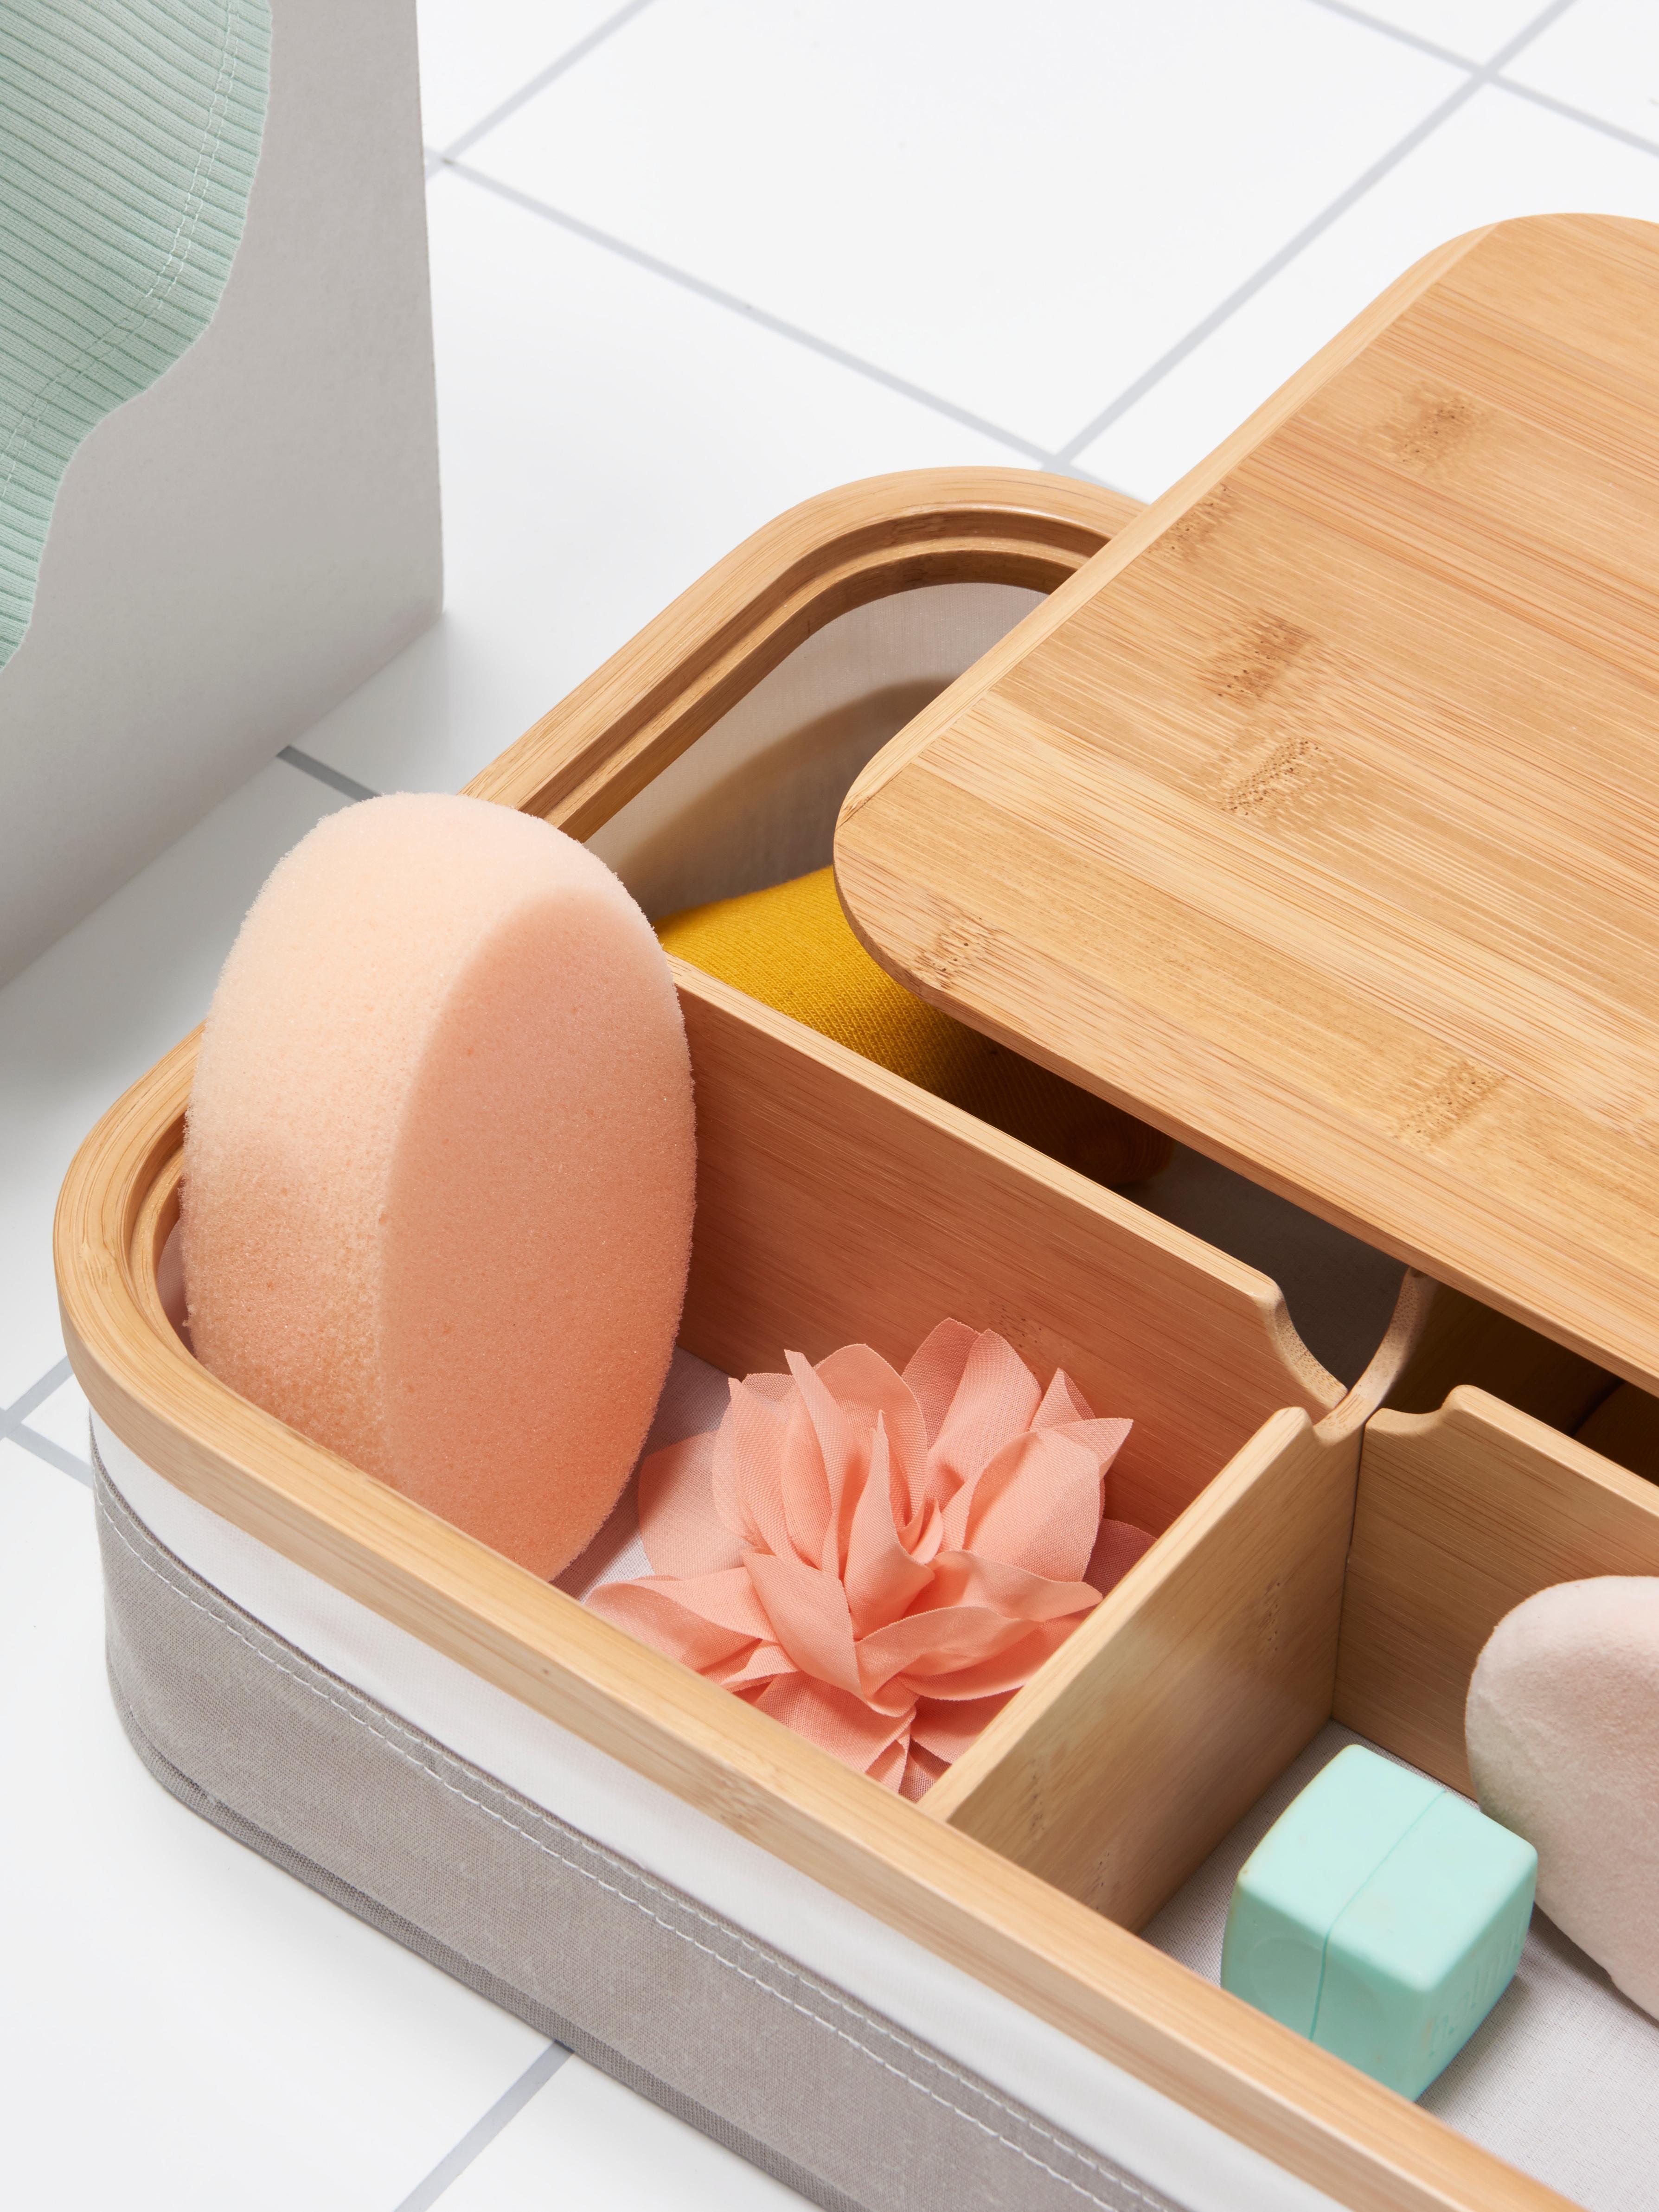 boîte-à-compartiments-RABBLA-tissu-couvercle-bambou